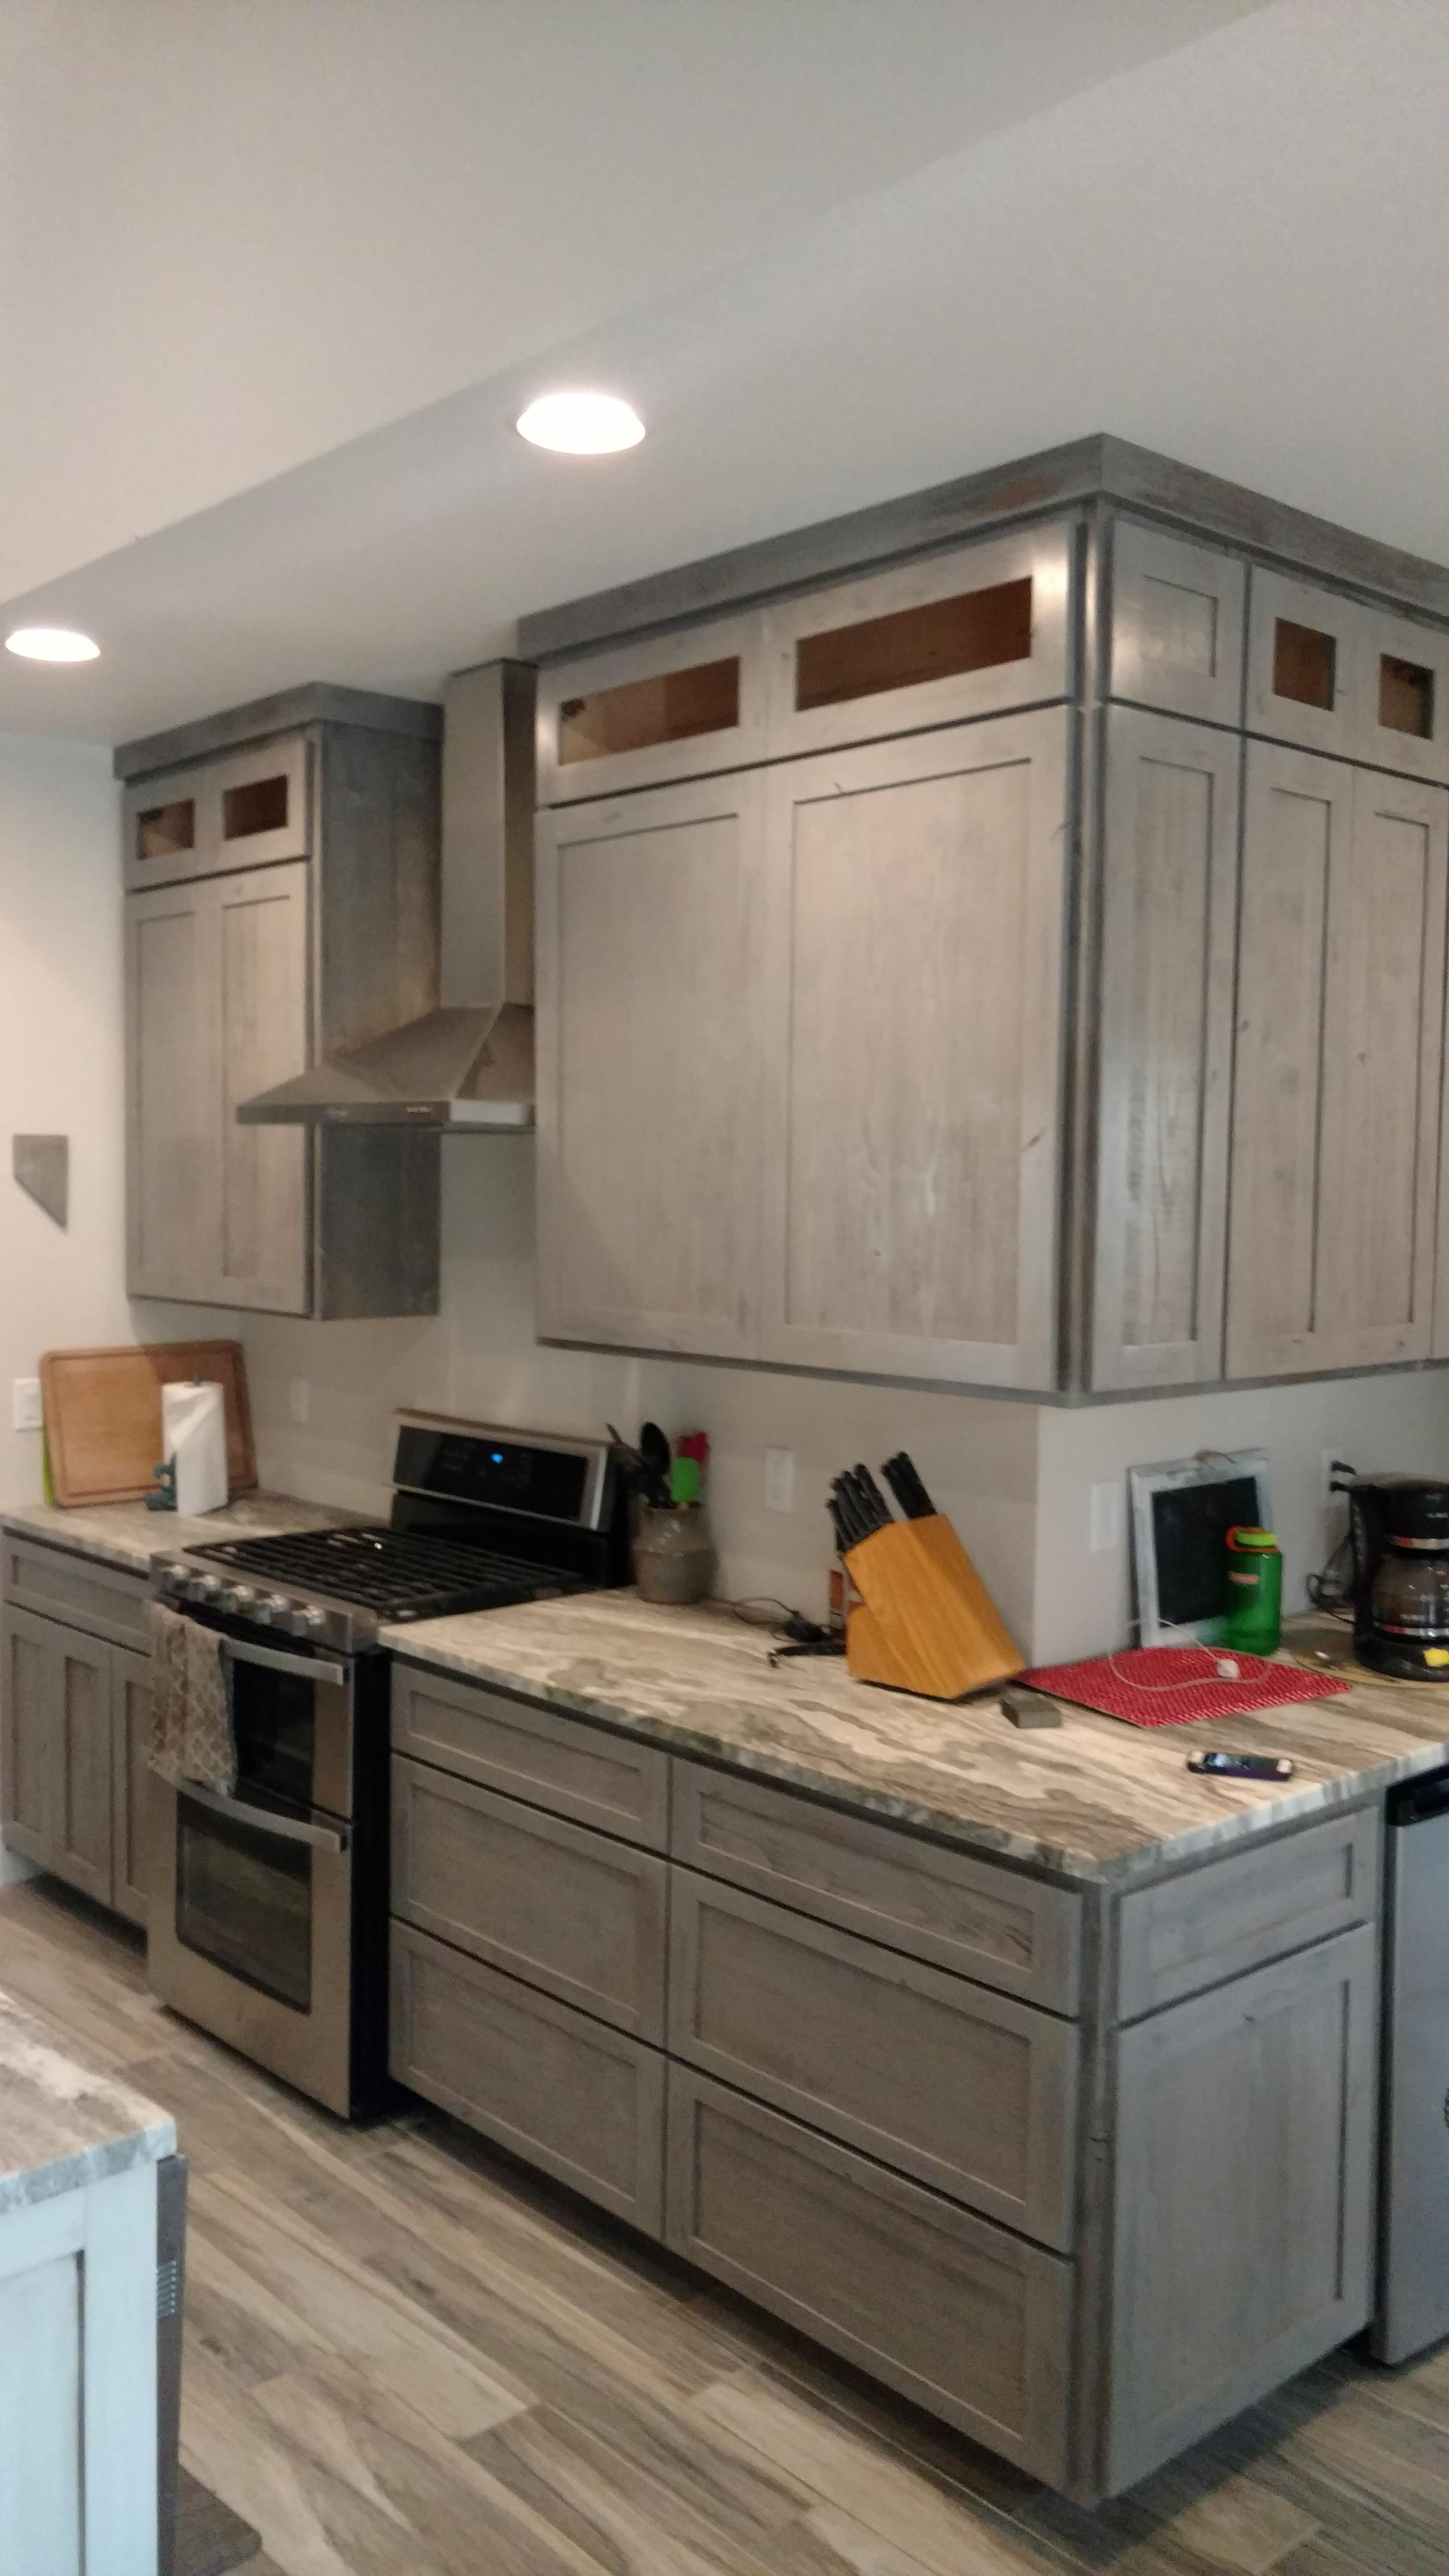 Dakin kitchen 2